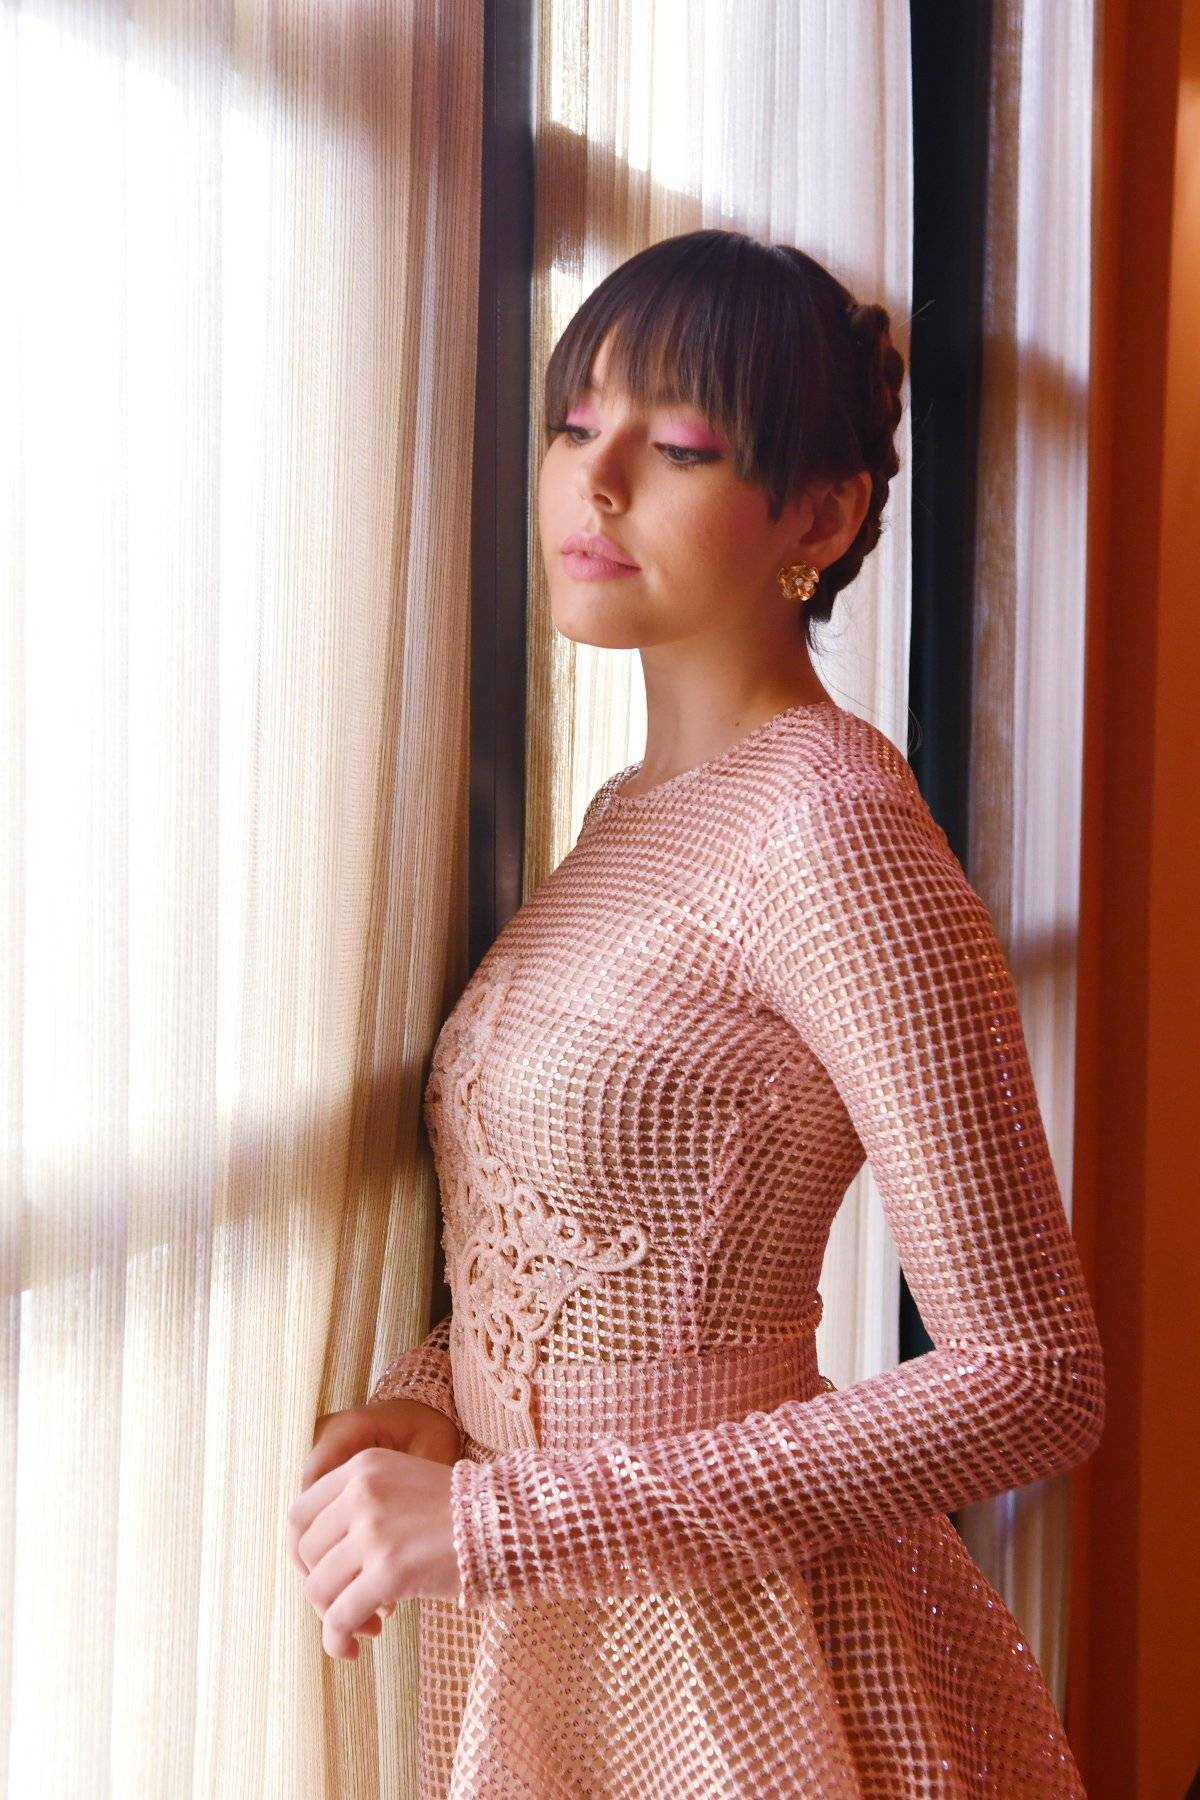 Vestido de manga larga y falda amplia en Malla, bordada en lentejuelas, entallado en la cintura con detalle bordado en cristales en el área del torso. Accesorios: BVLGARI / Foto: Dennis Jones